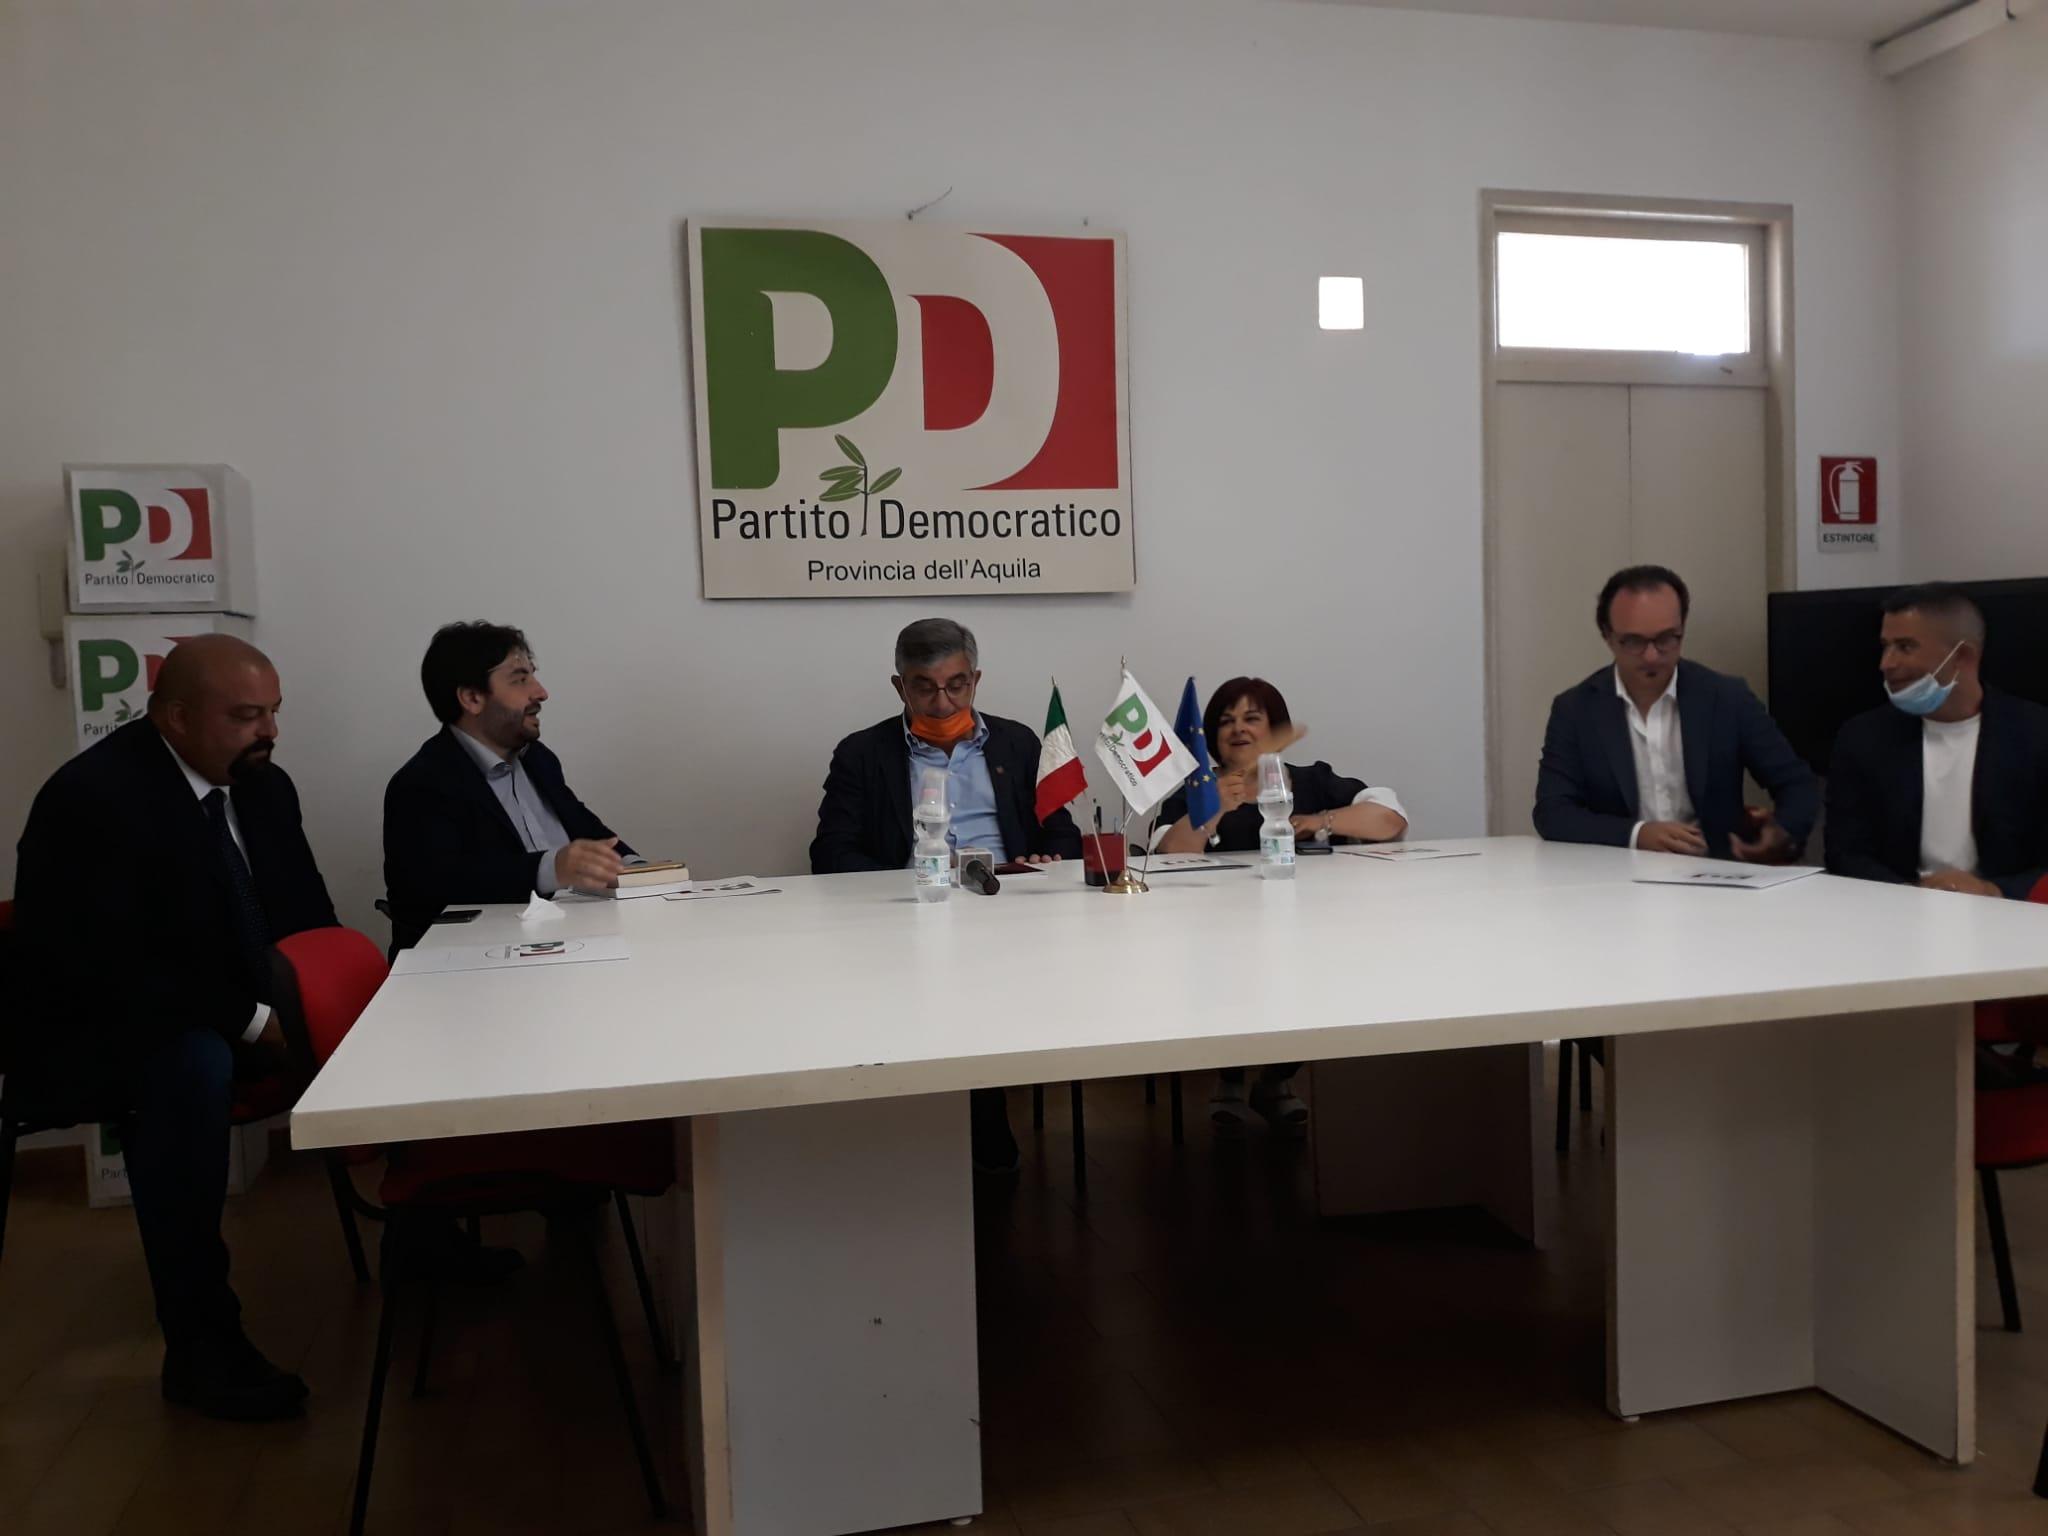 Stretta finale del Pd attorno al candidato sindaco Mario Babbo   Pezzopane, D'Alfonso, Ceglie, Piacente, Fina, Paolucci e Lolli confermano l'appoggio di un PD riorganizzato e giovane